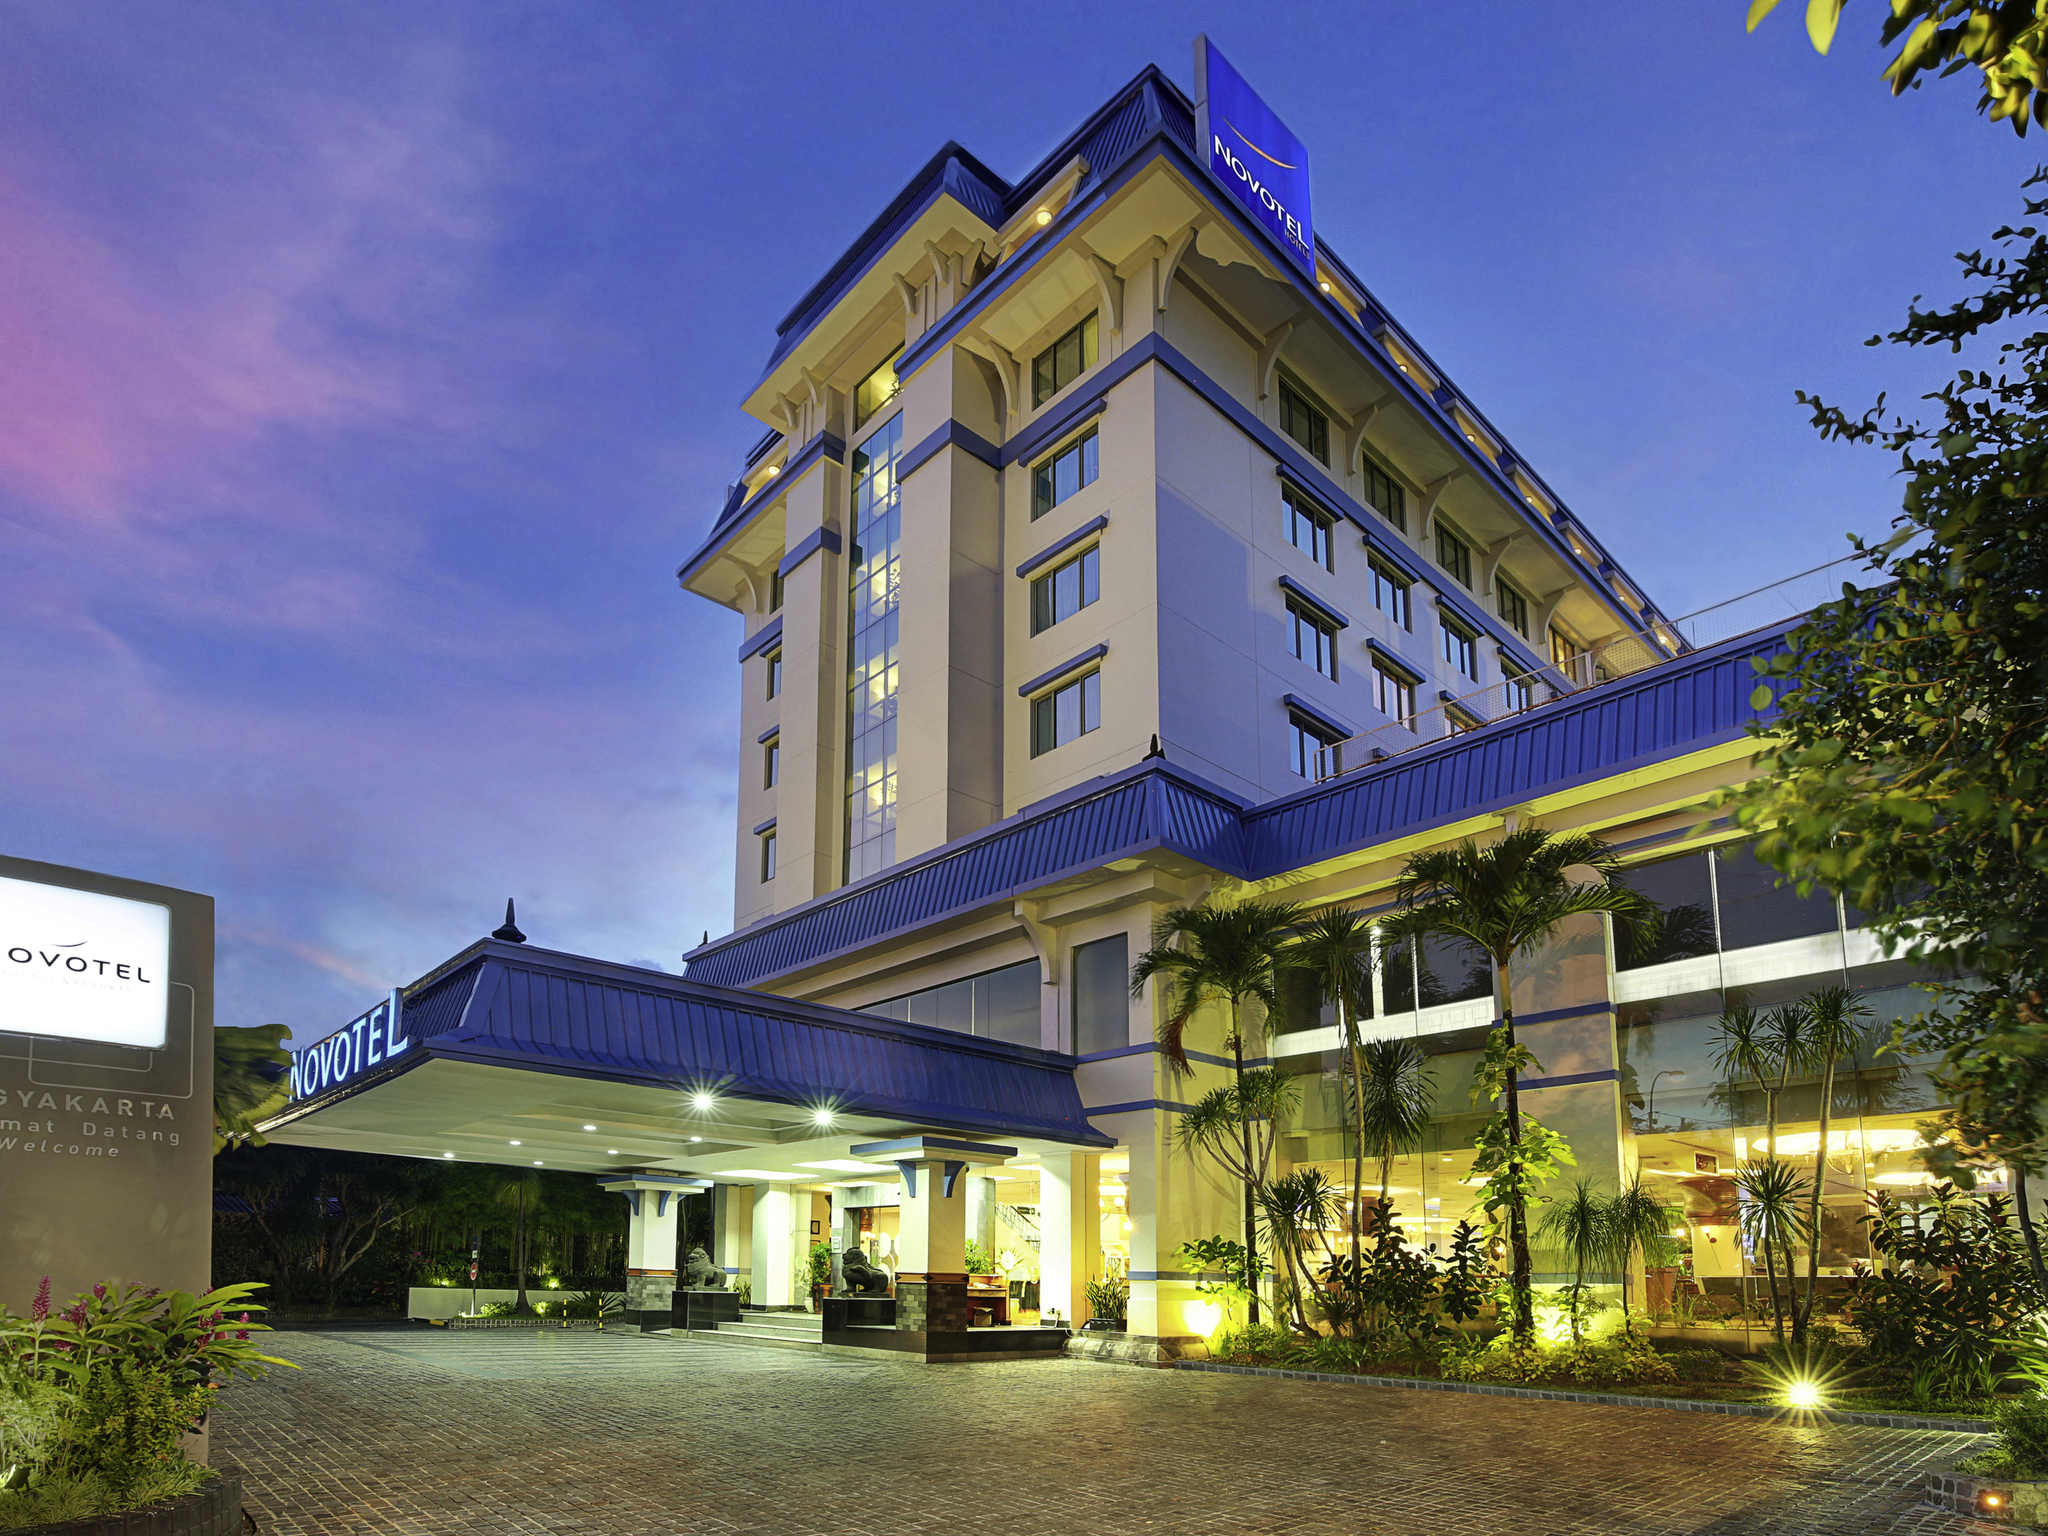 Hôtel - Novotel Yogyakarta